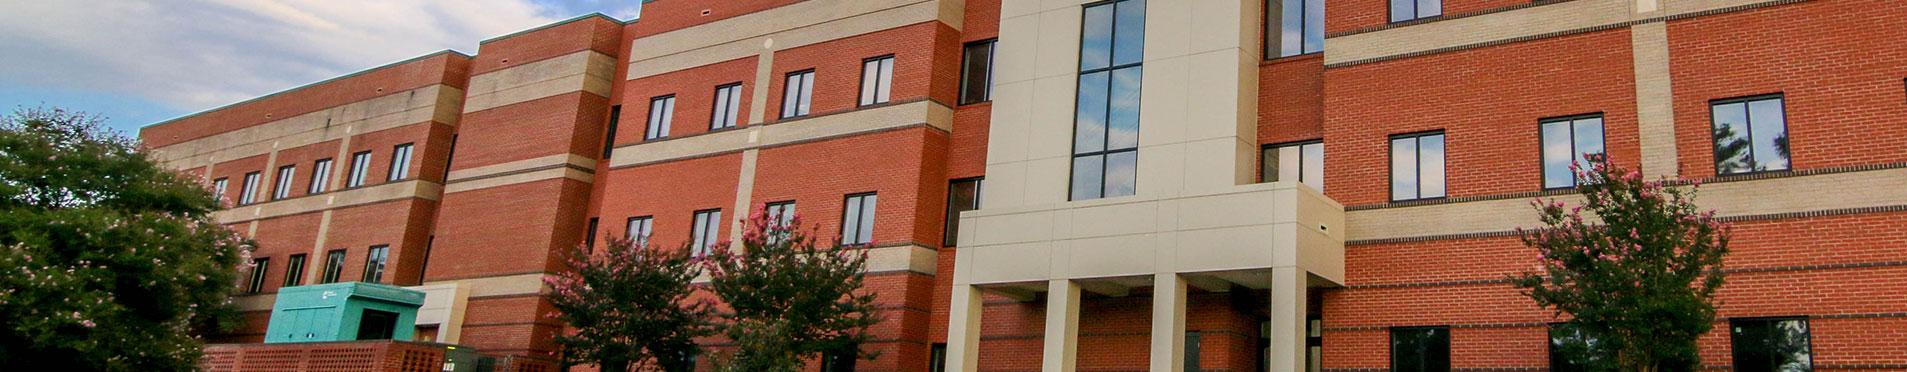 Bldg C Banner  | SD Clifton Construction